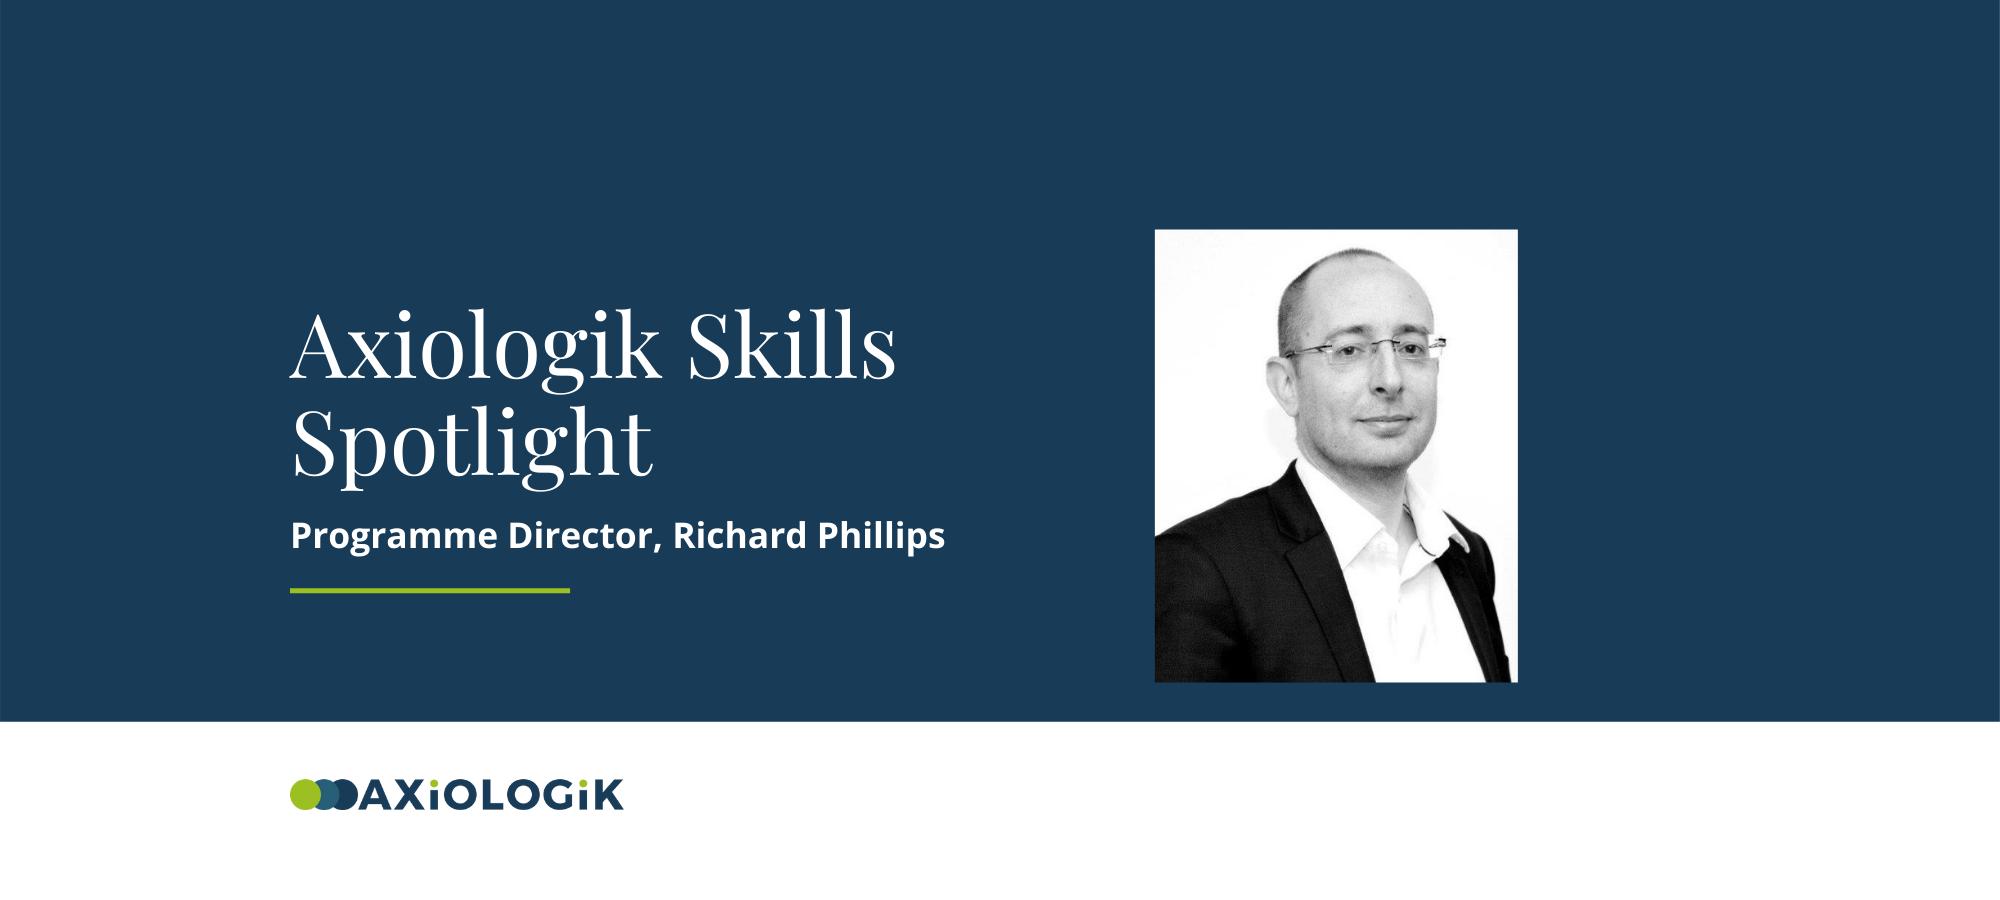 Axiologik Skills Spotlight: Richard Phillips